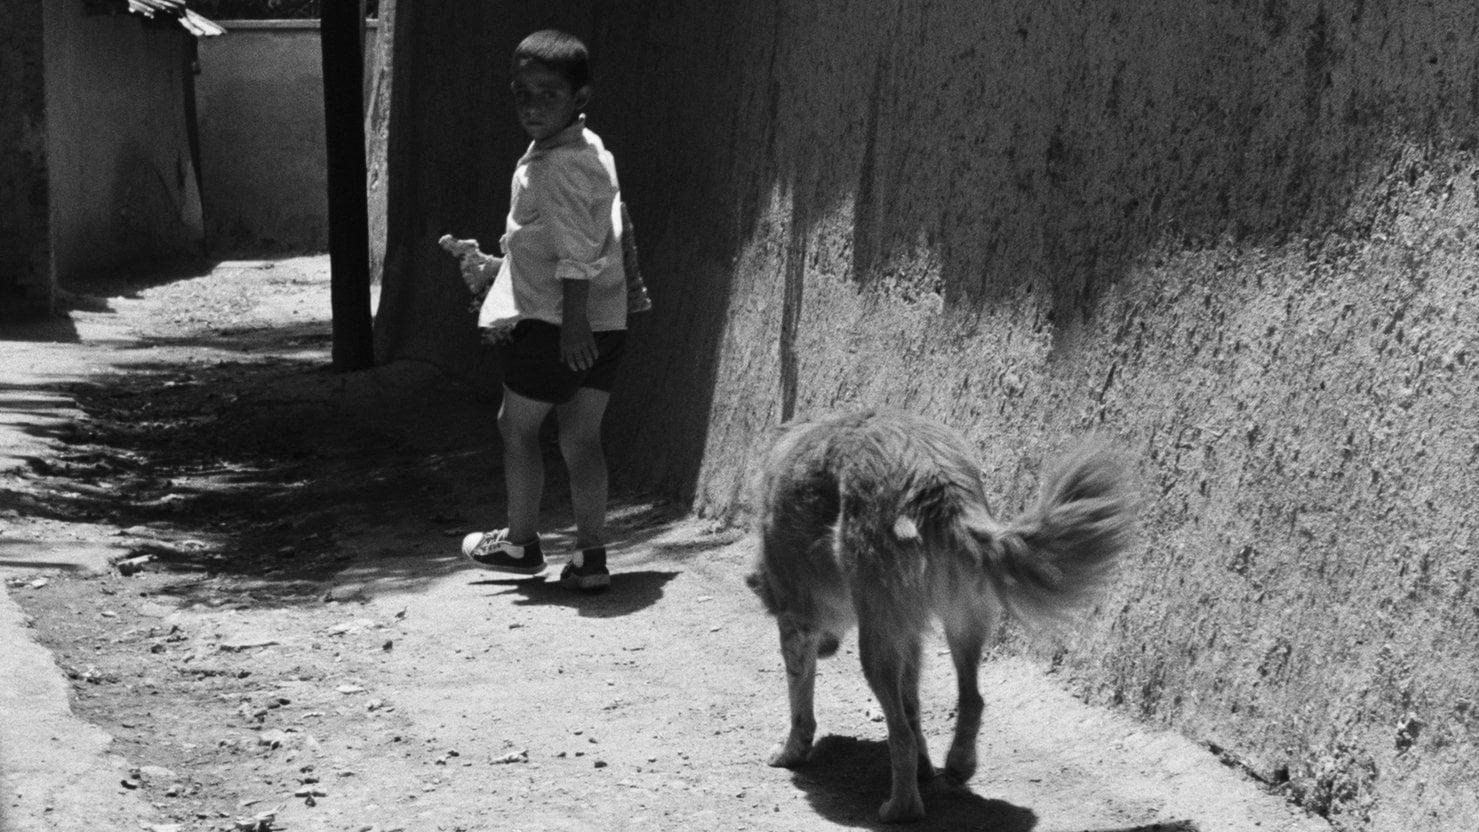 L'enfant et le chien dans Le Pain et la rue